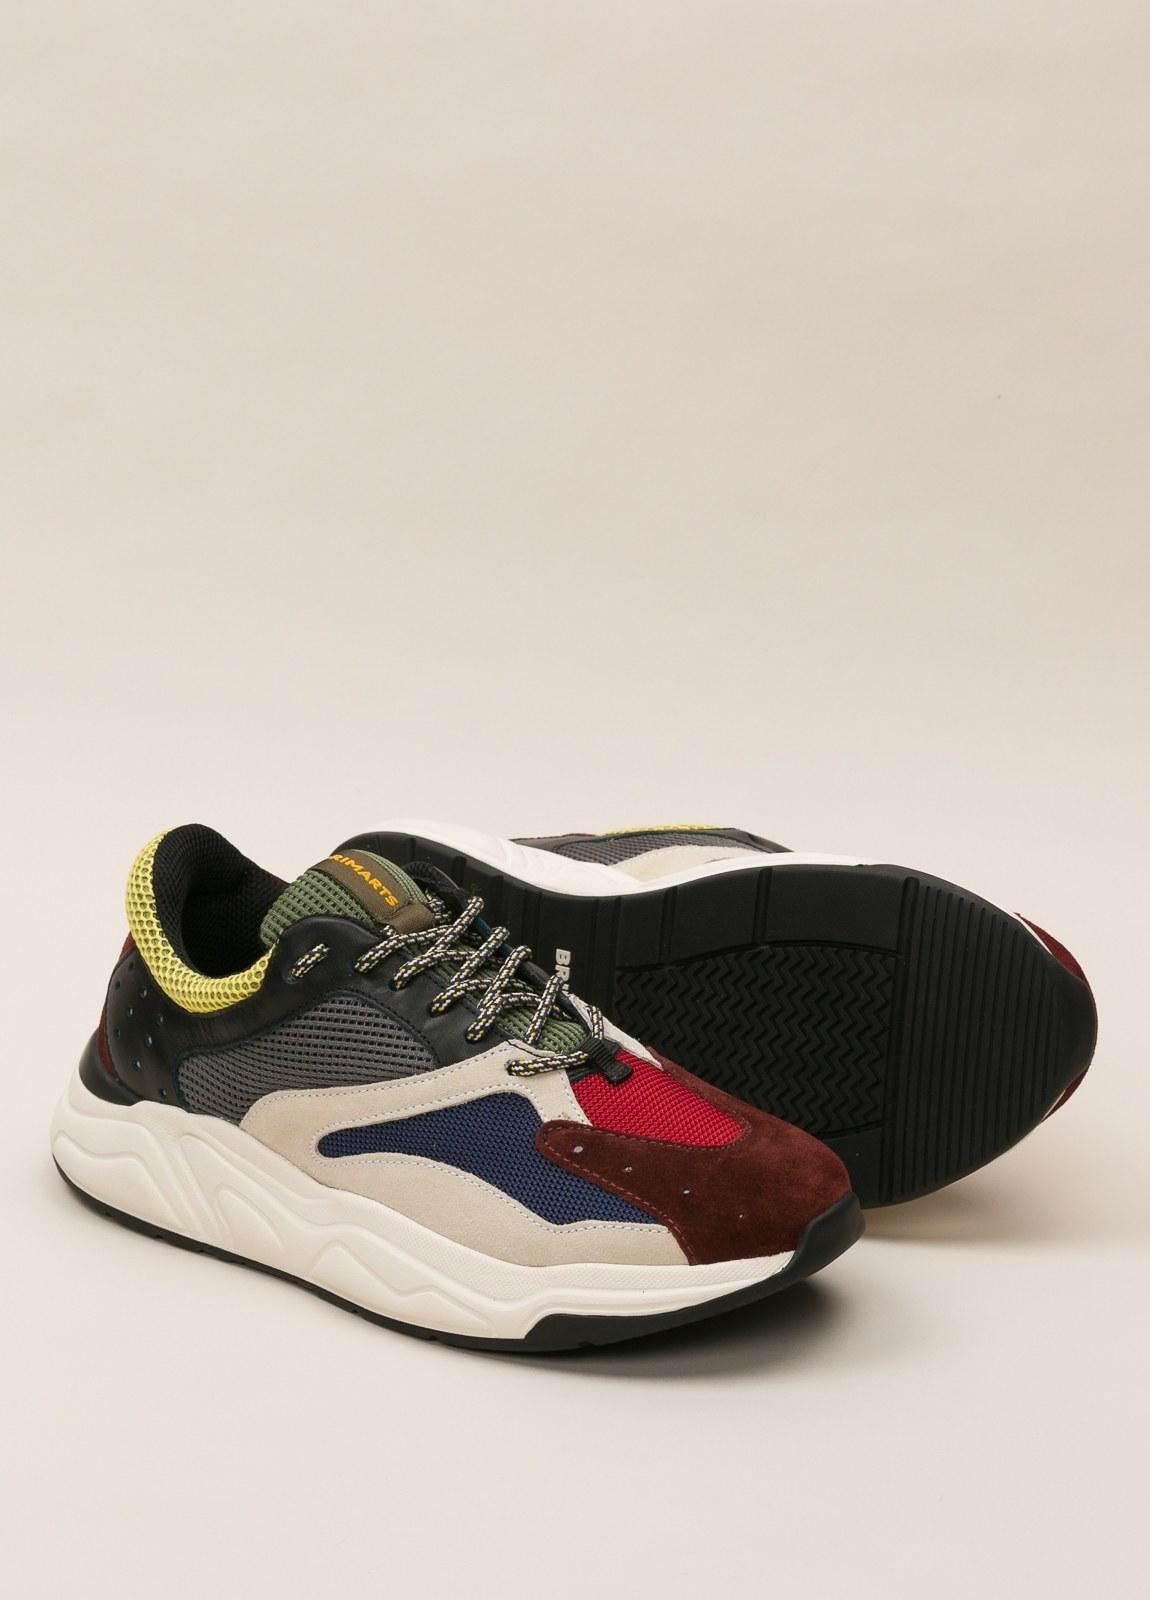 Zapatillas deportivas BRIMARTS plomo - Ítem2